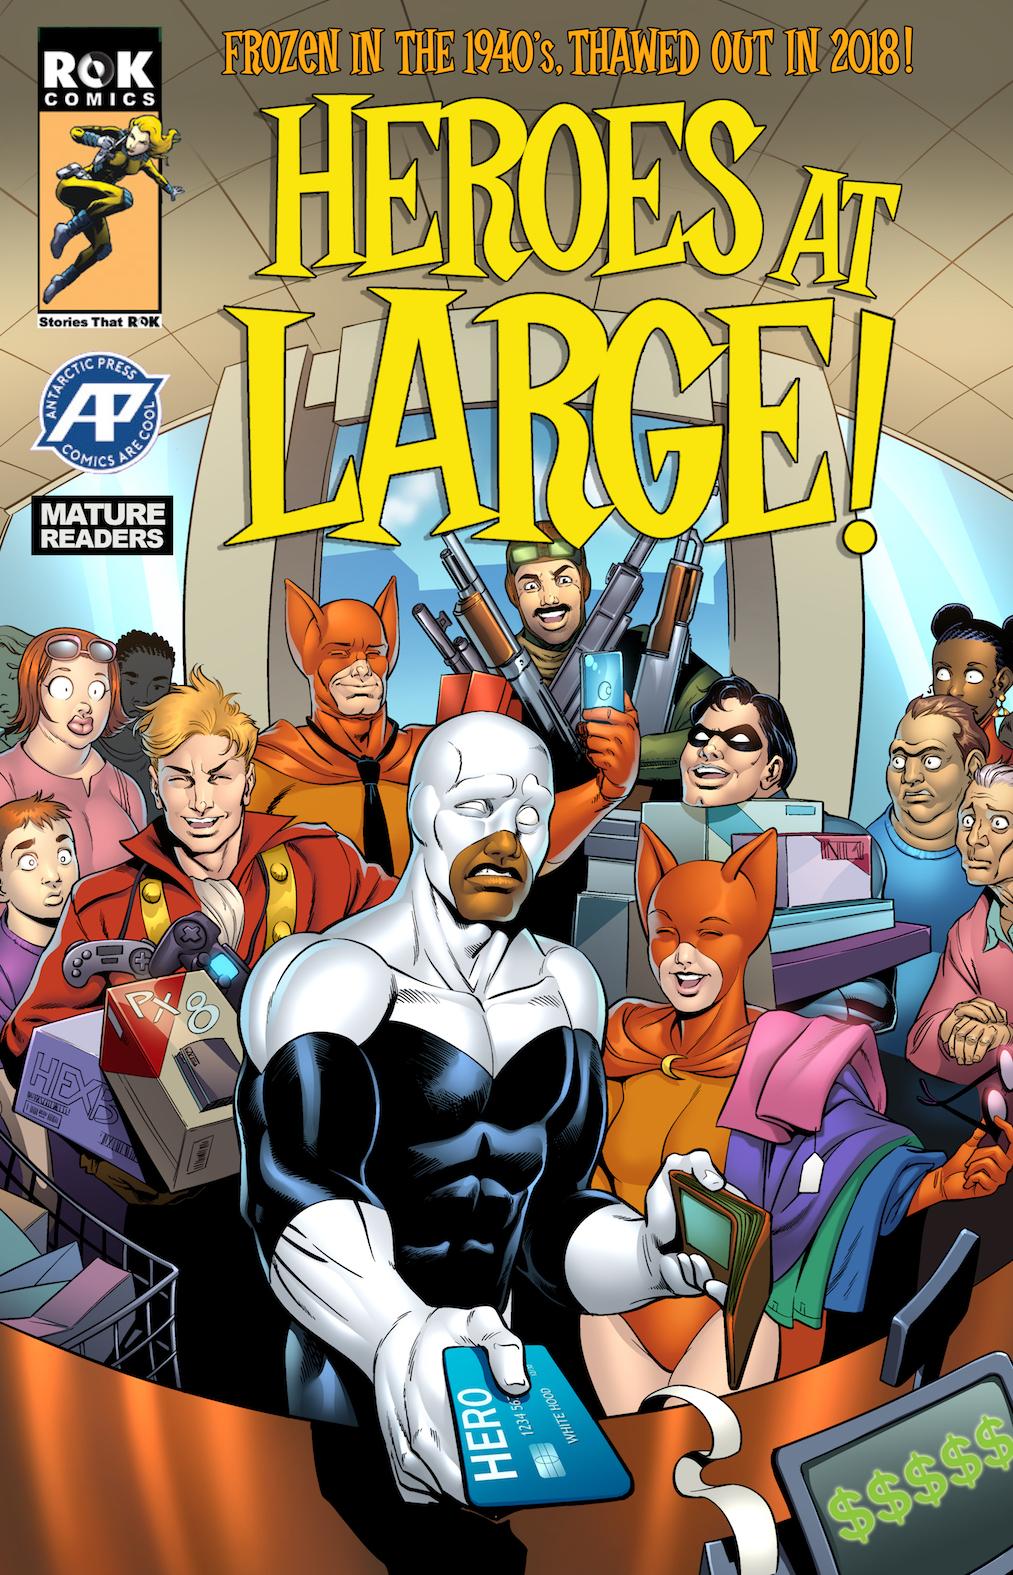 HeroesAtLarge_CVR_ISSUE3.jpg